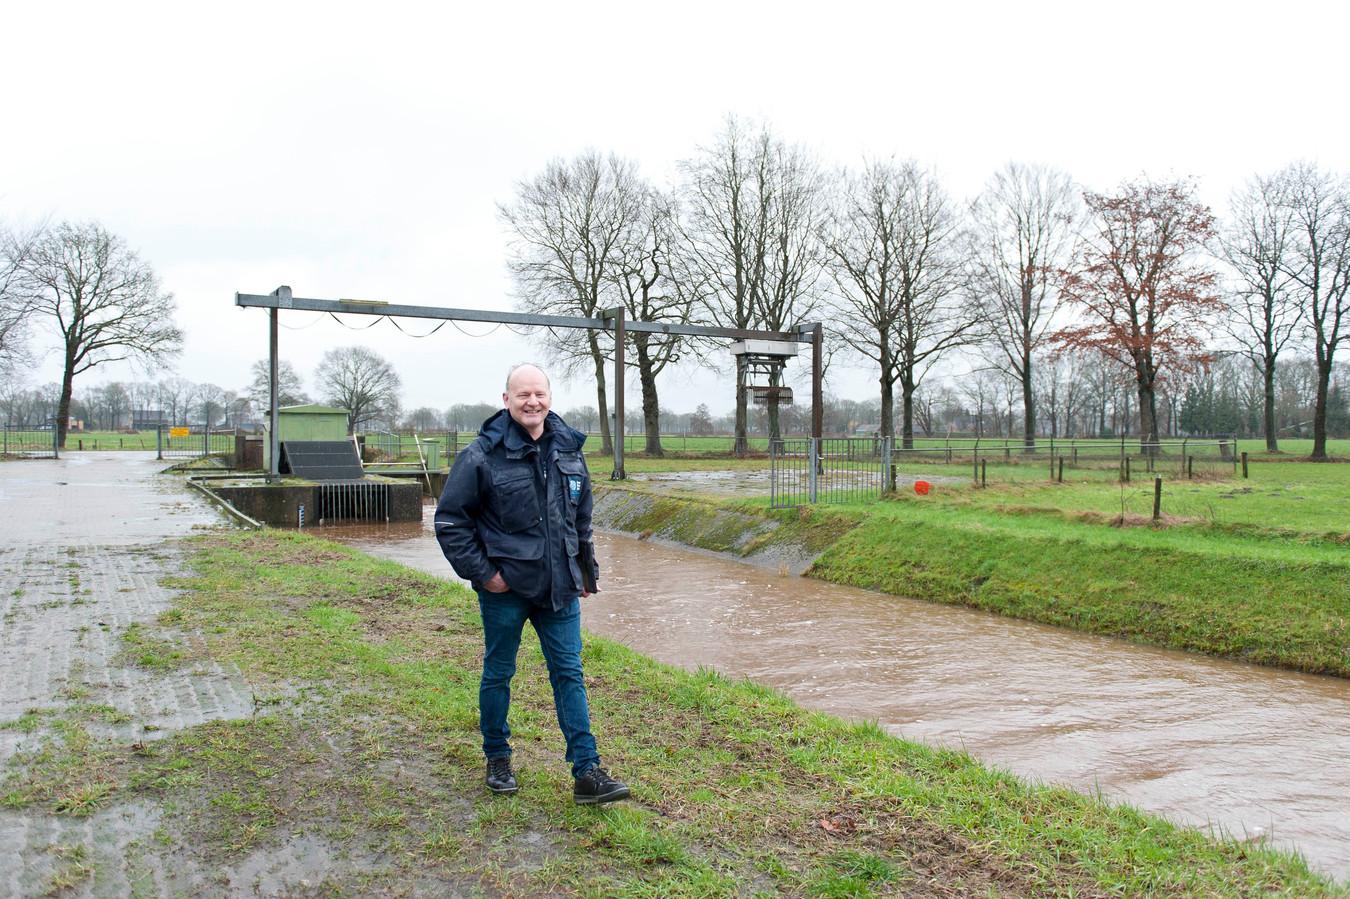 André Koekkoek in Okkenbroek bij gemaal Espelo, een van de vele installaties in het Sallandse landschap waarmee hij aan de 'waterknoppen' draait.